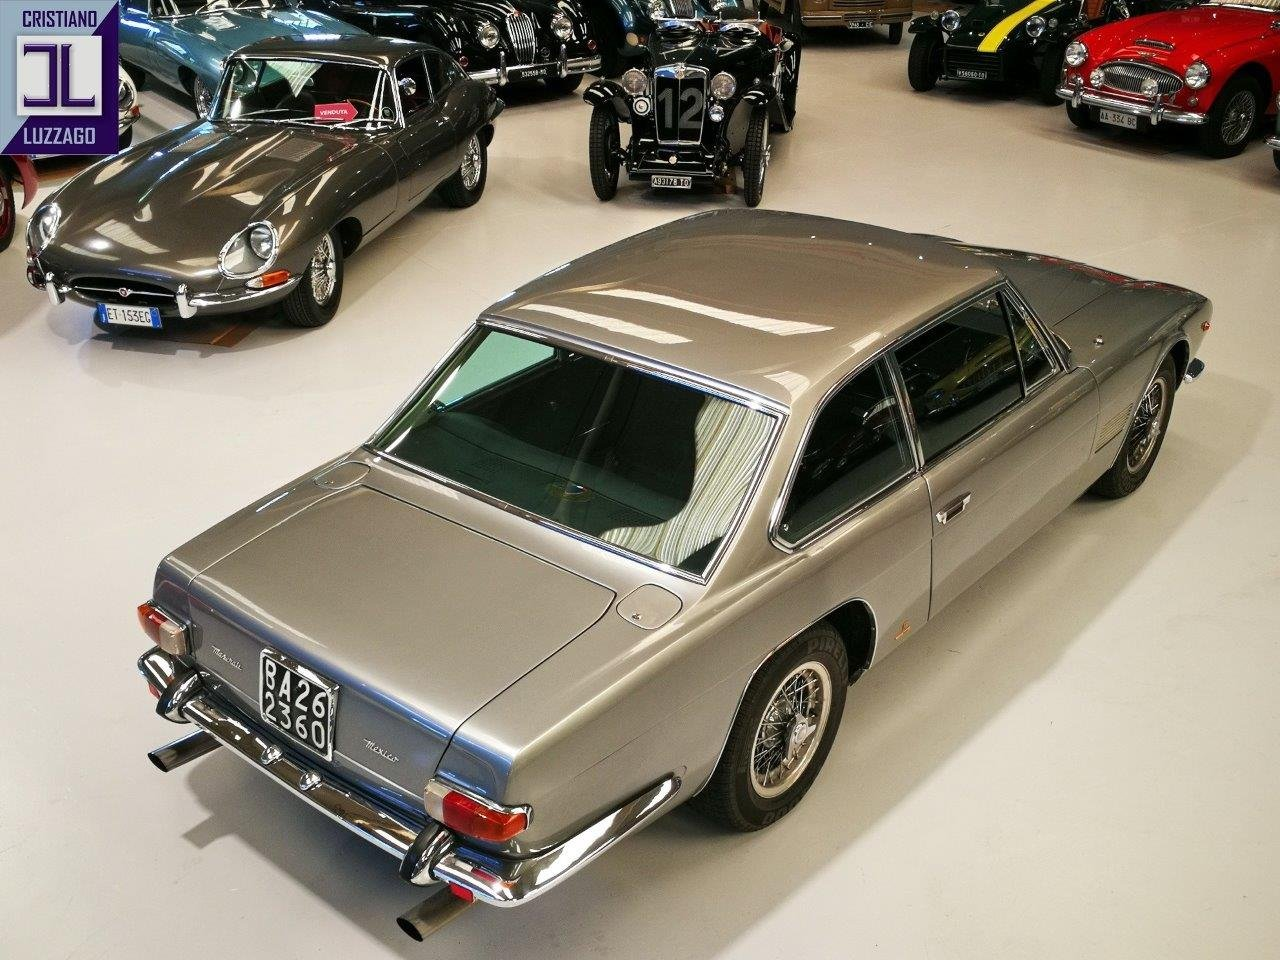 1968 MASERATI MEXICO 4200 For Sale (picture 2 of 6)